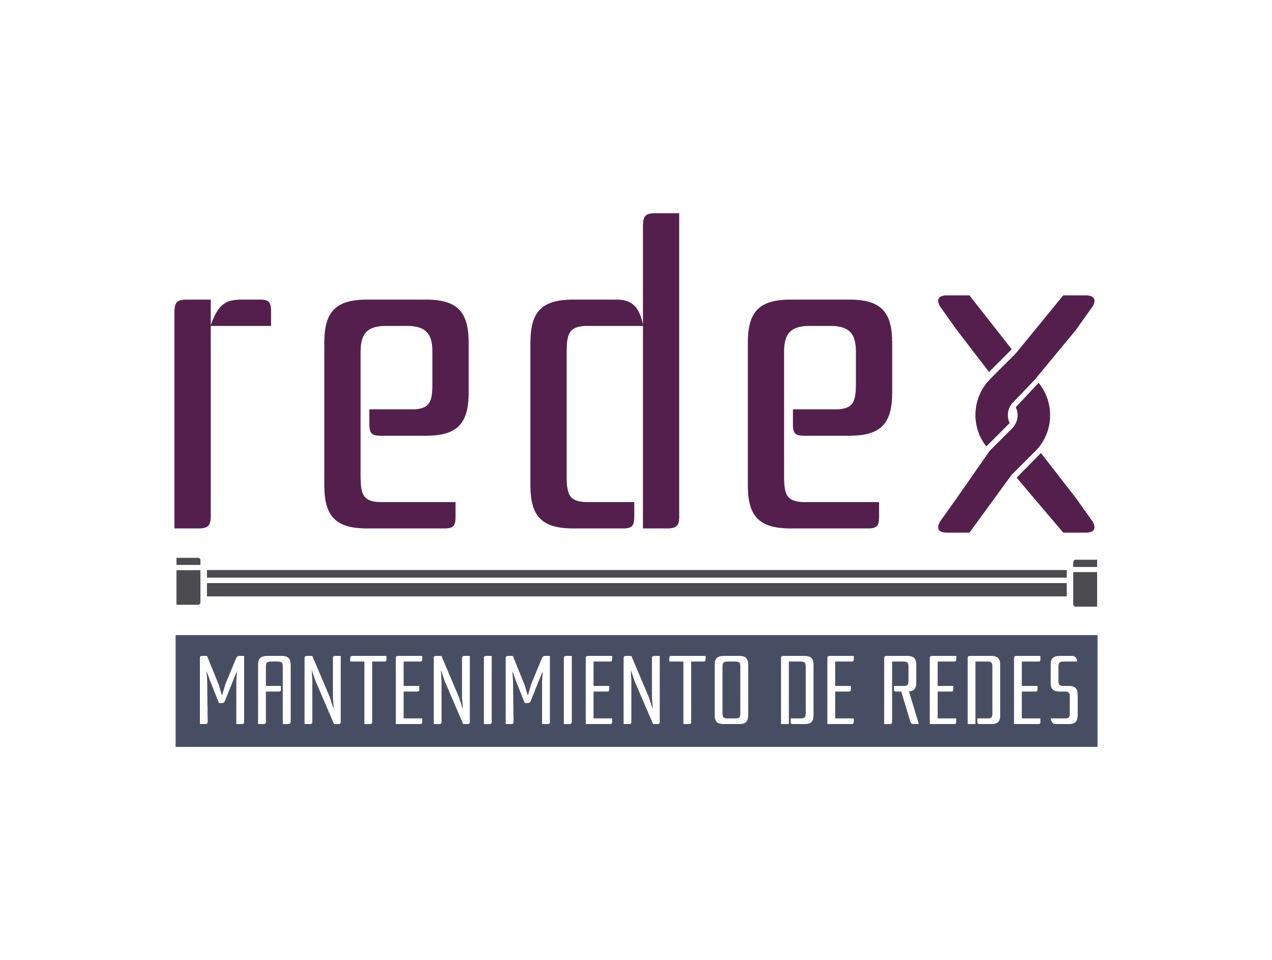 REDEX - Mantenimiento de redes